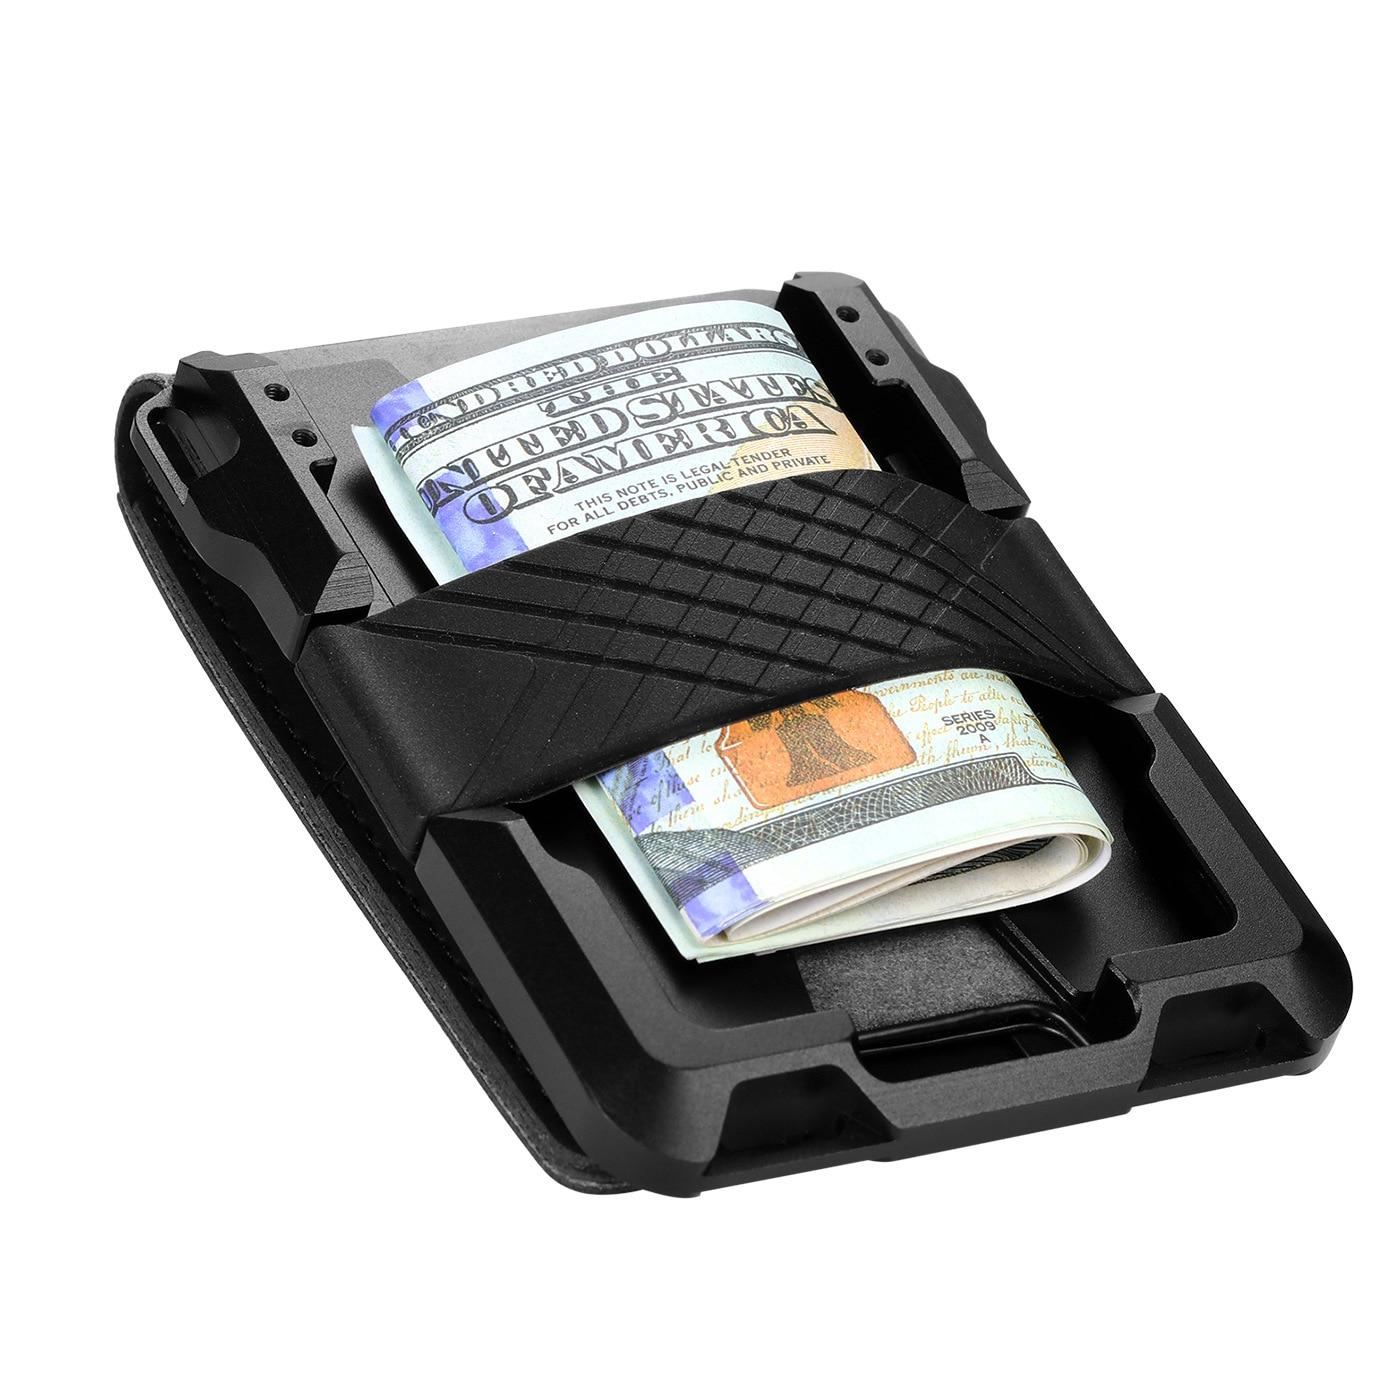 Металлическая Кредитная карта с Деньги Клип Чехол Бизнес ID держатель для карт чехол портмоне RFID защита банковской карты Чехол